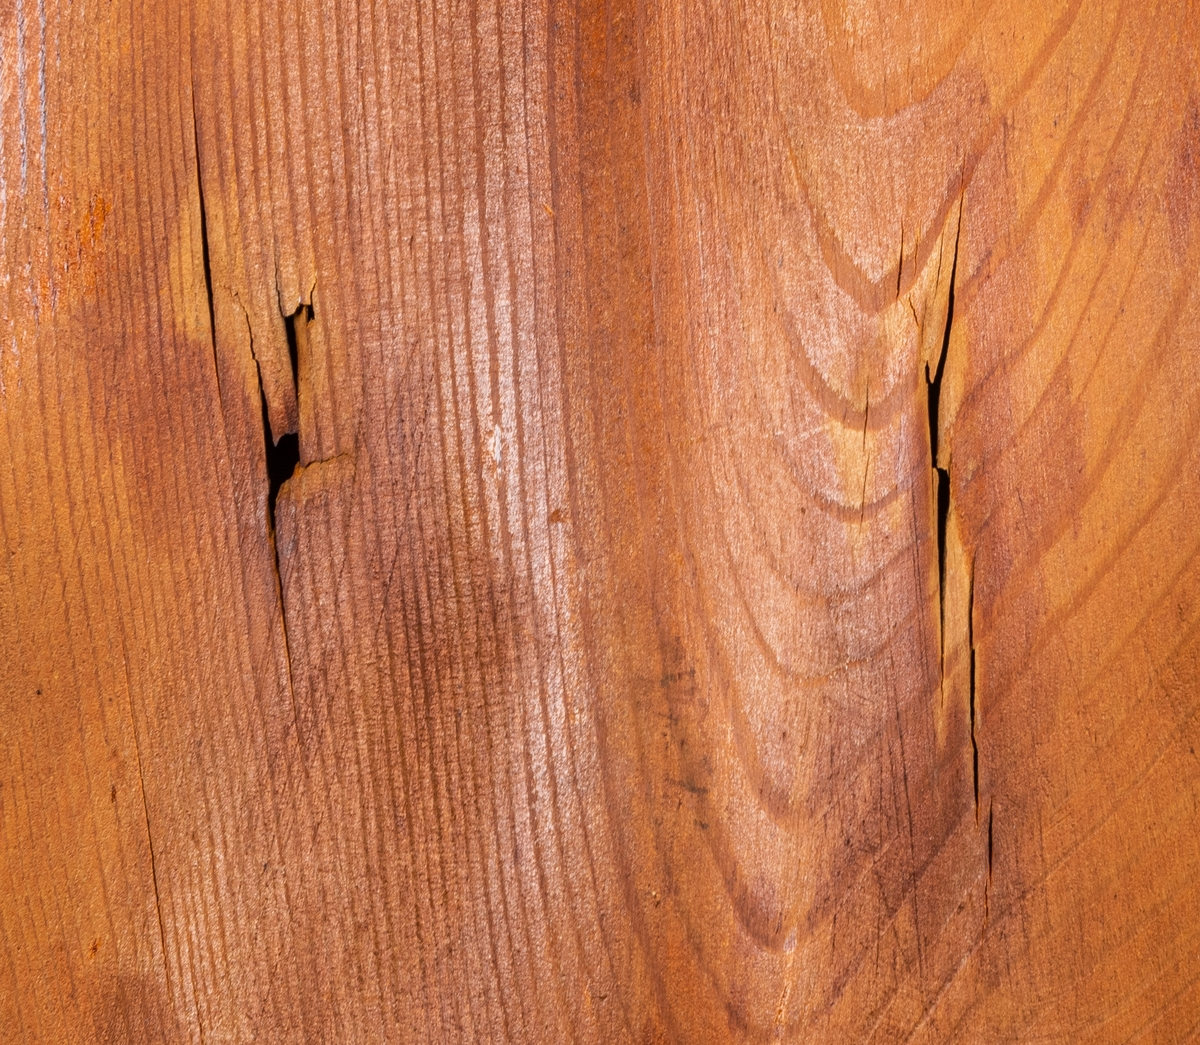 Vägglampa av furuträ skuren i ett stycke i form av mussla formgiven av konstnär Johnny Mattsson, Gävle.